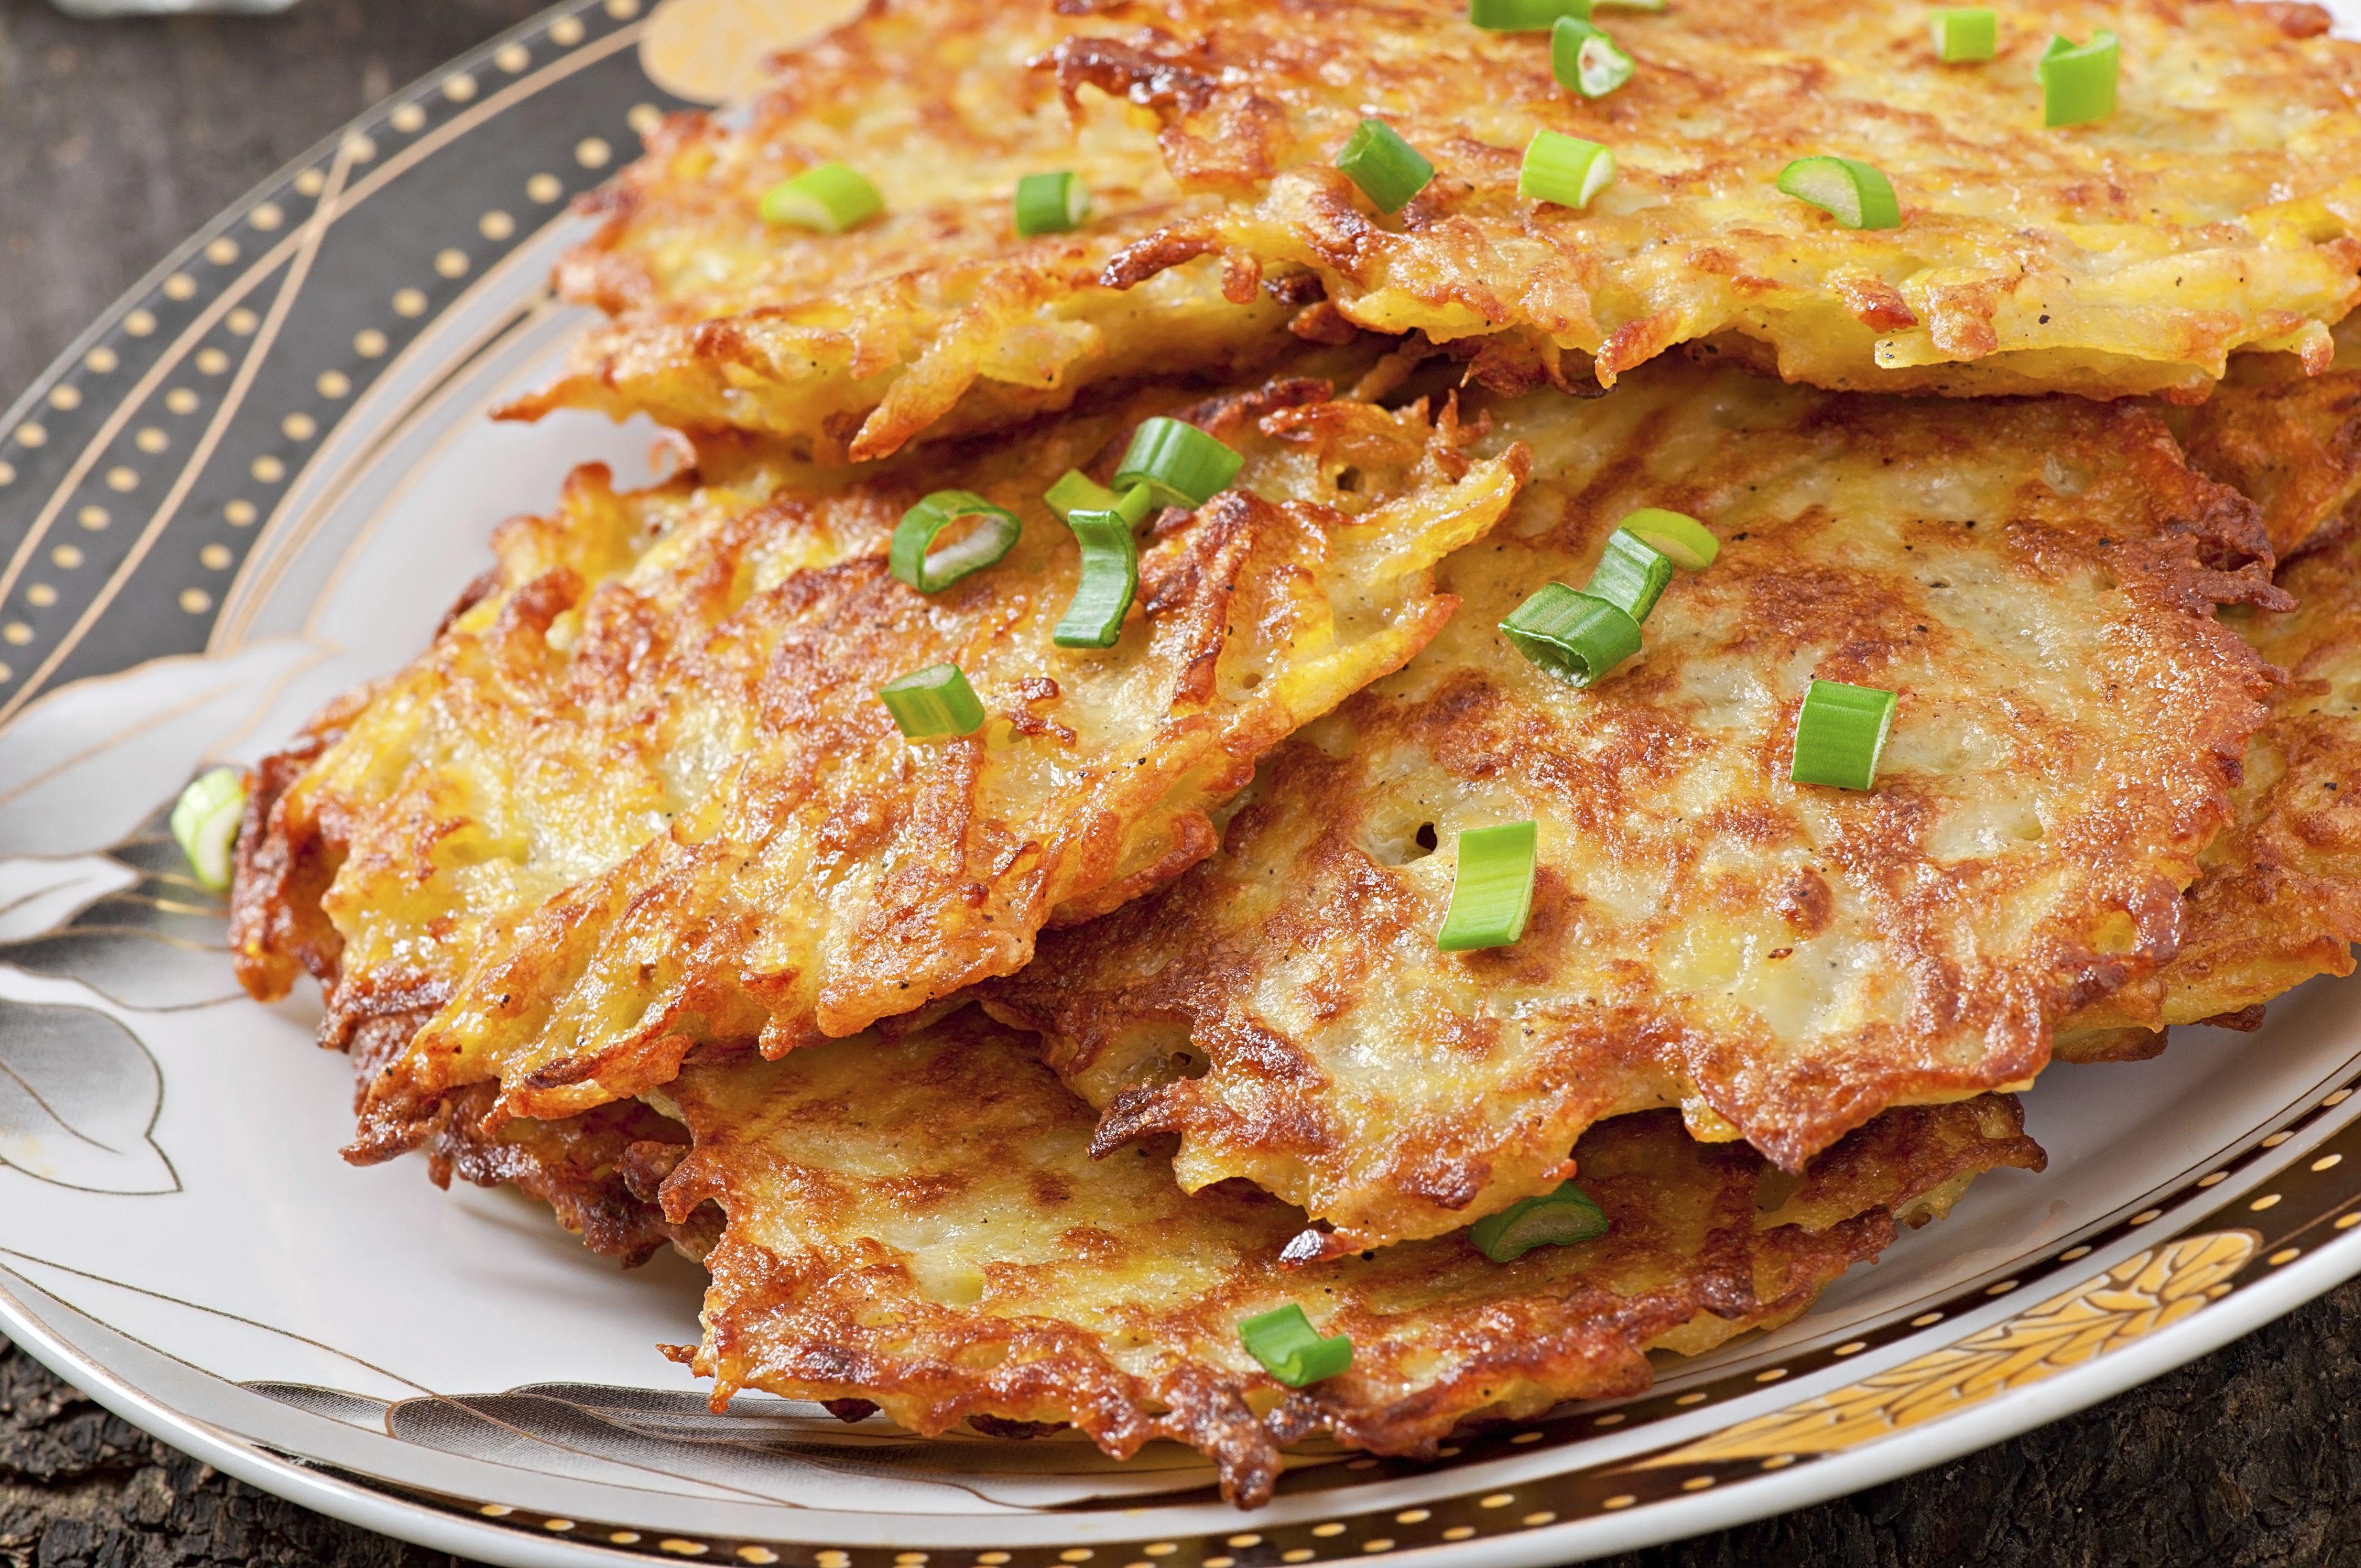 Assez Polpette di zucchine al forno - (4.7/5) VU98